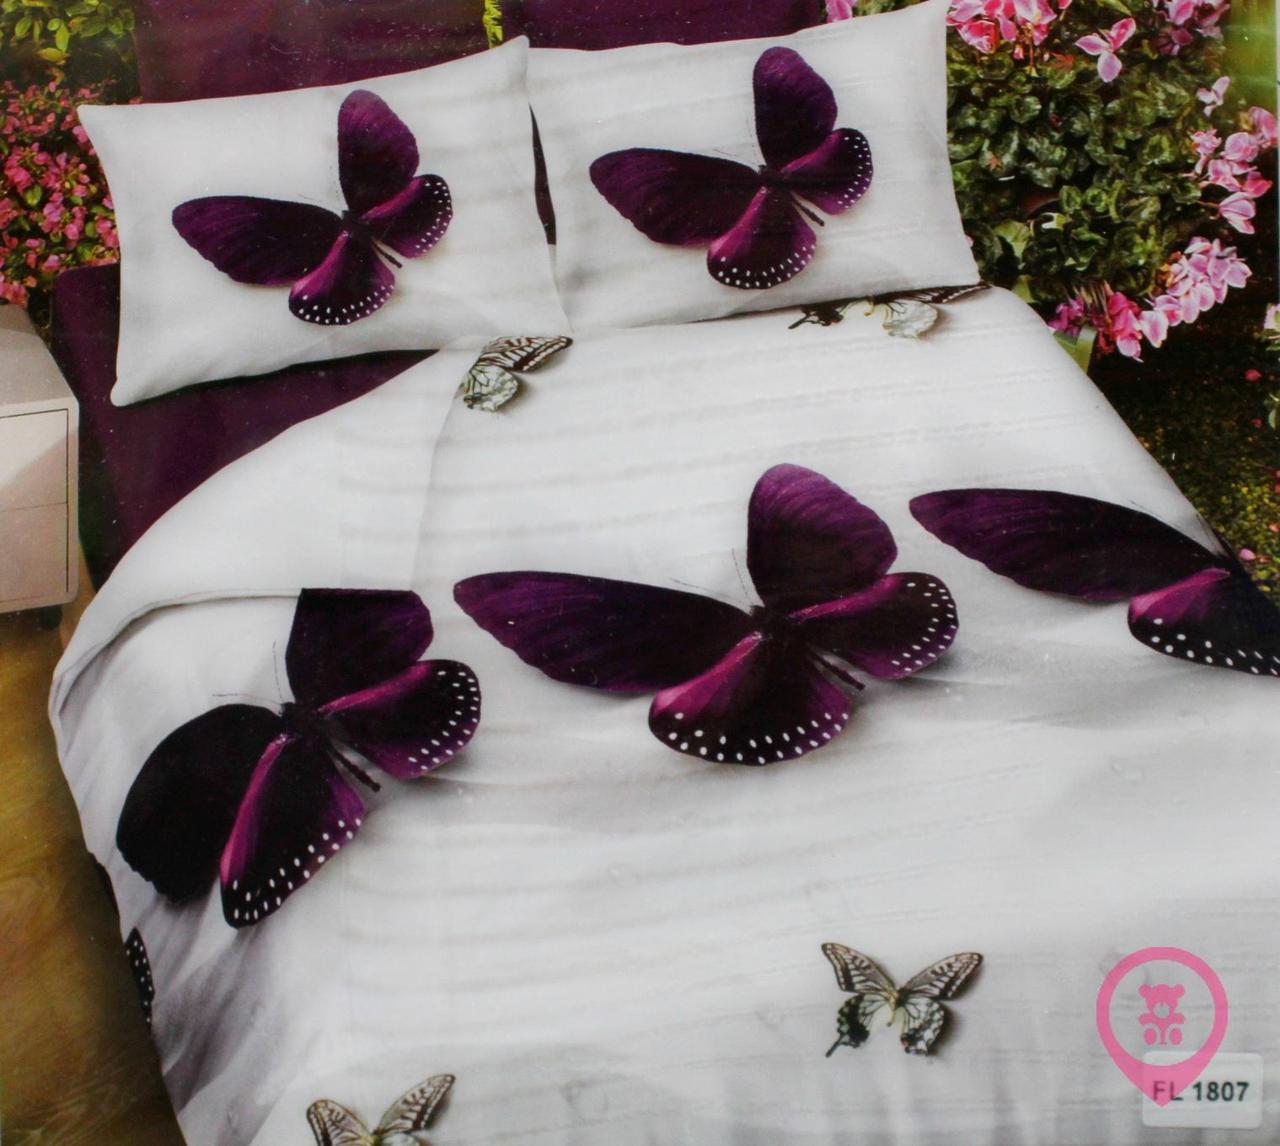 Комплект постельного белья микрофибра Florida 5D Sateen 200х220  FL 1807